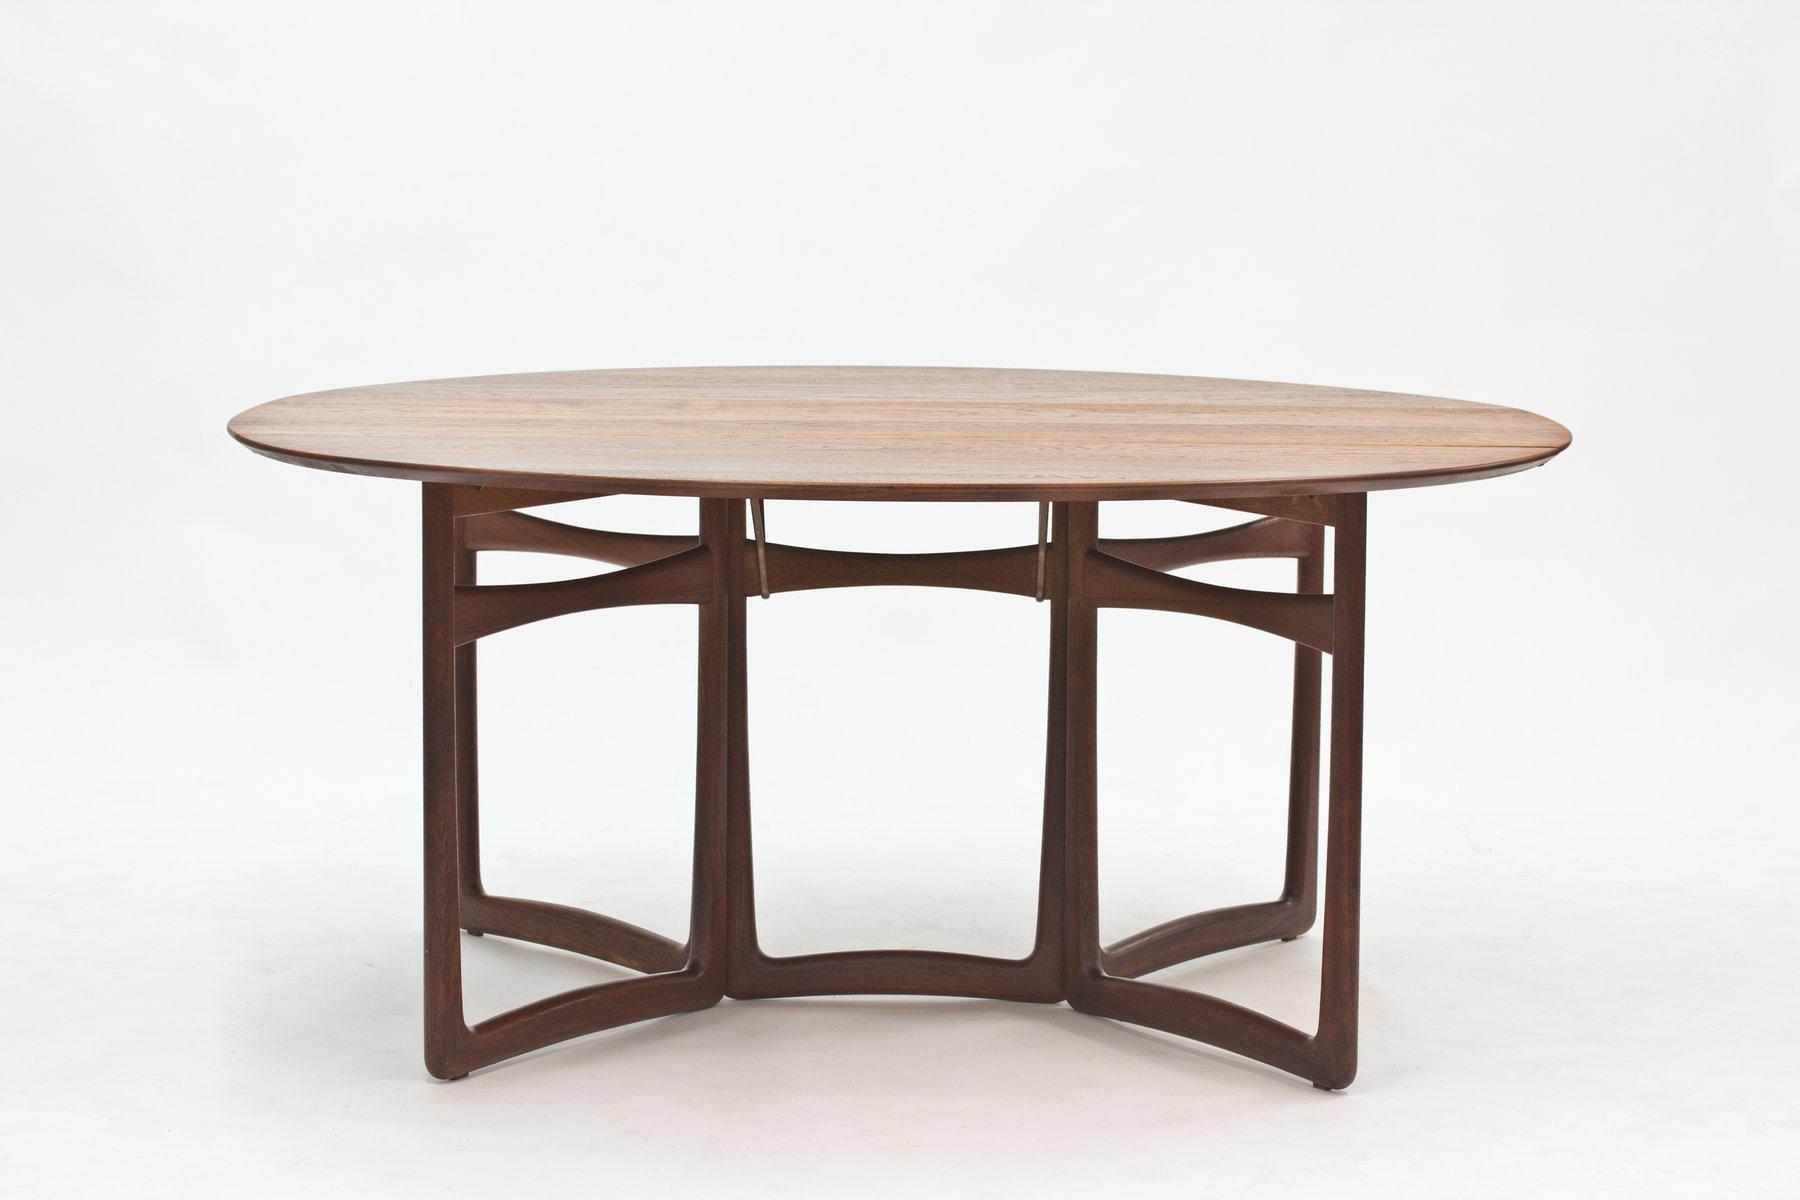 Teak Drop Leaf Dining Table by Peter Hvidt & Orla M¸lgaard Nielsen